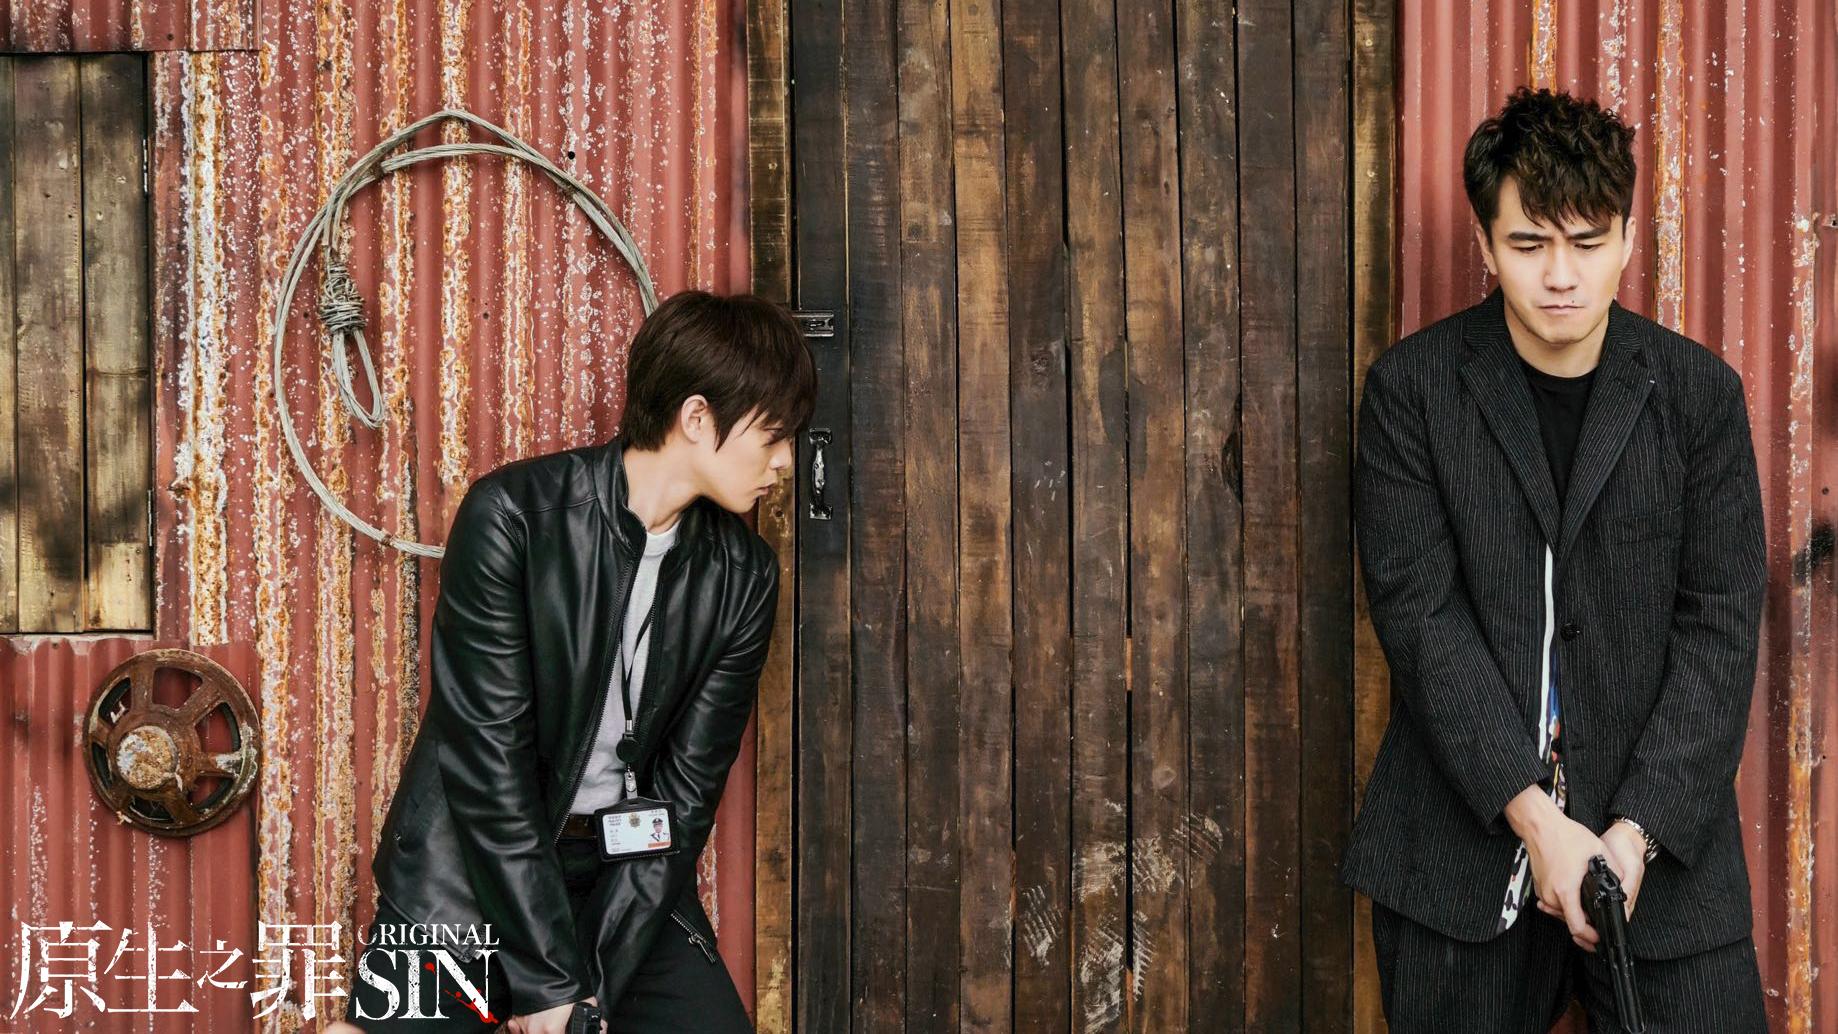 《原生之罪》导演称结局开放,有可能拍第二季